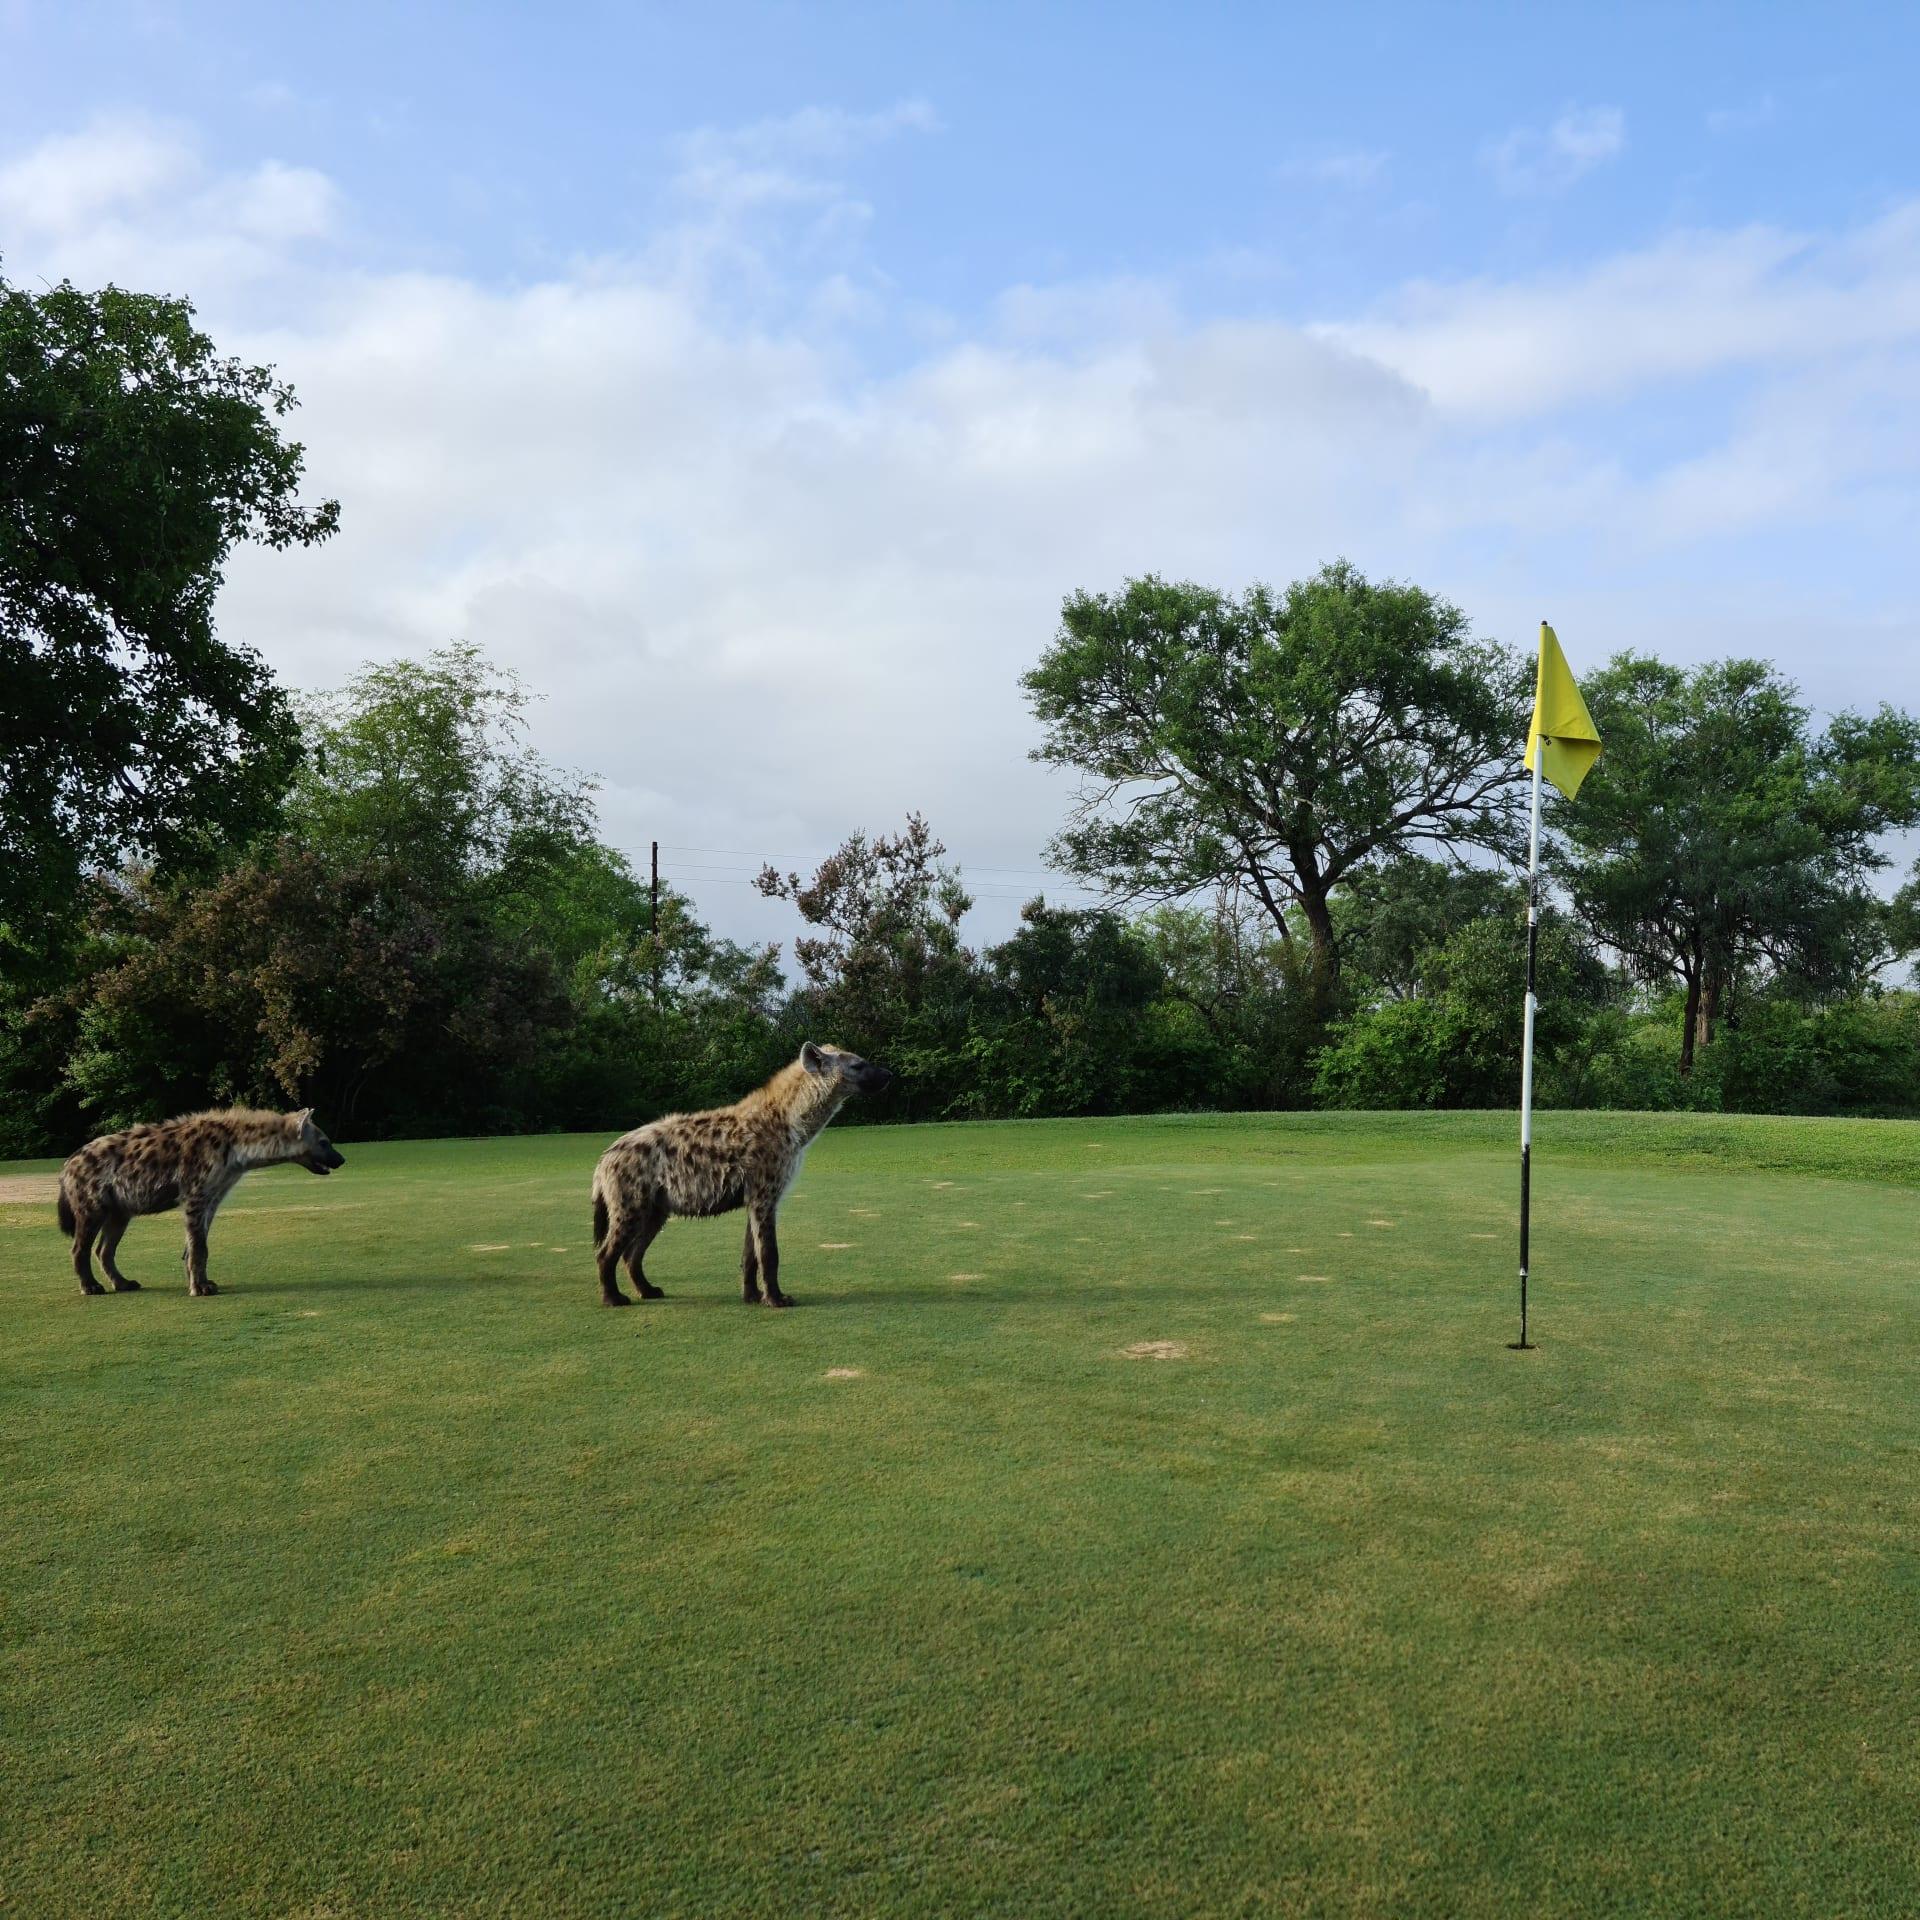 فقط بهذا الملعب بجنوب أفريقيا.. ستمارس الغولف بين الزرافات والأسود